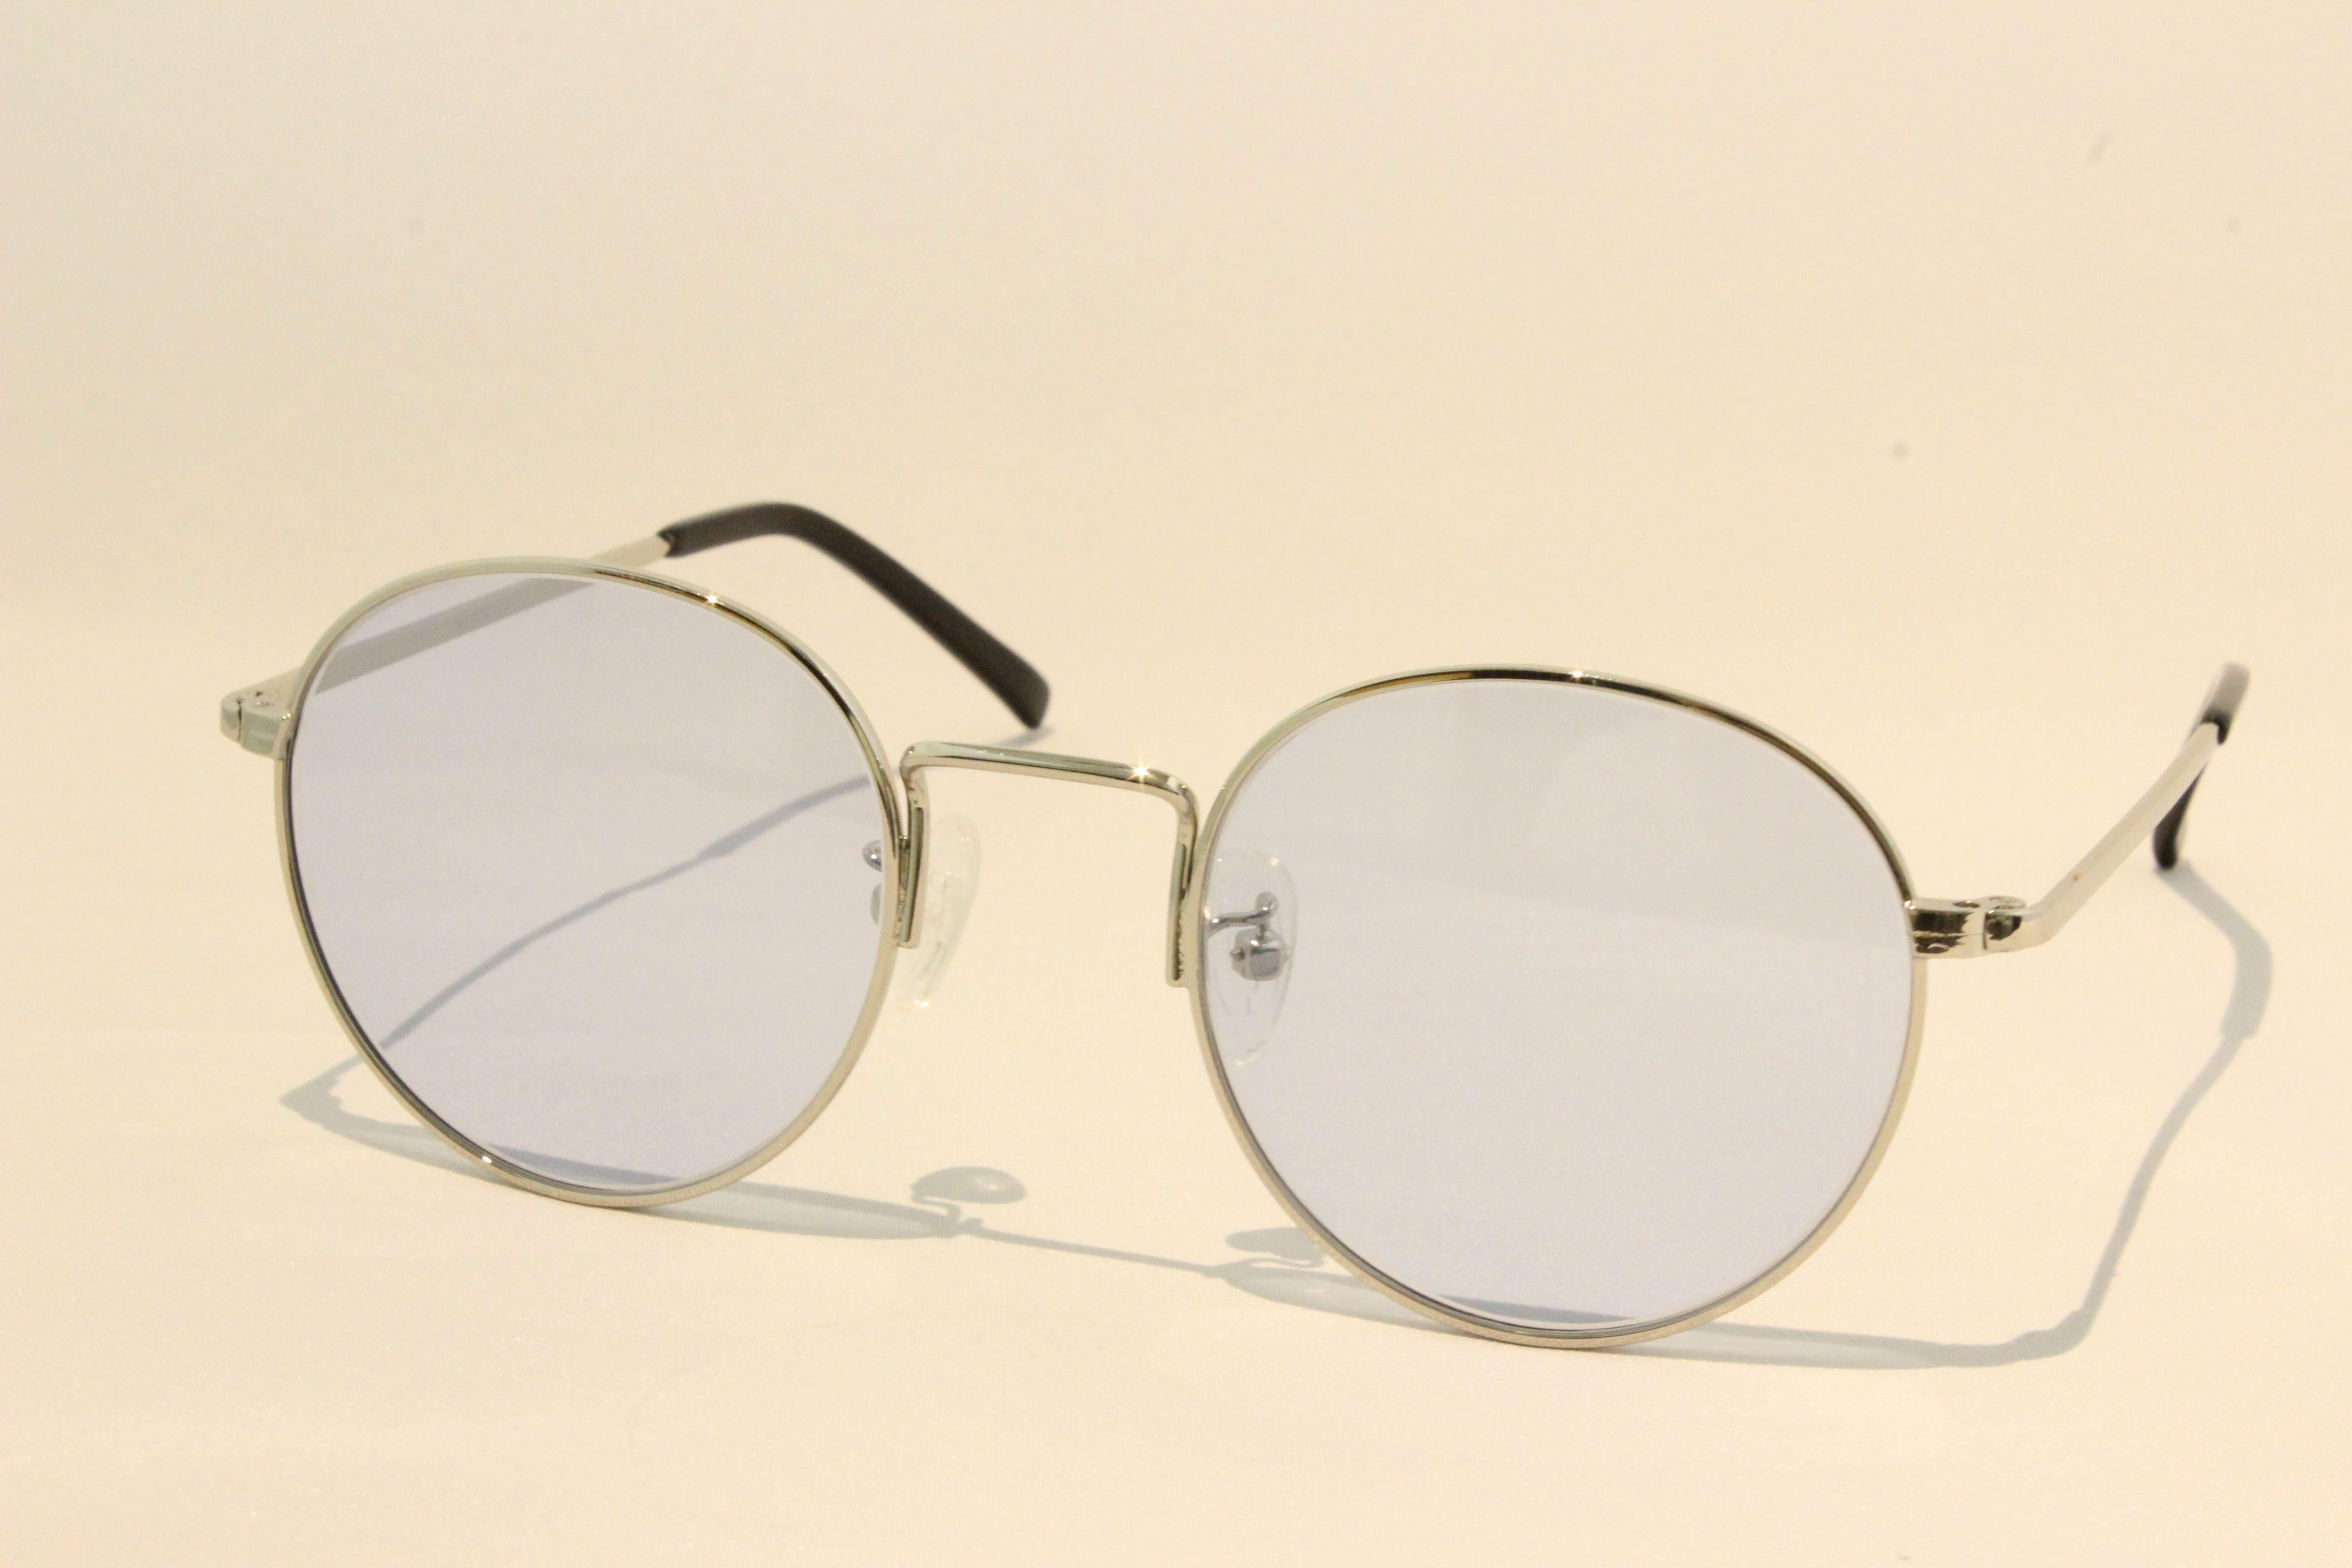 【送料無料】SHURON(シュロン) RONSTRONG (Silver/Blue) size 50.